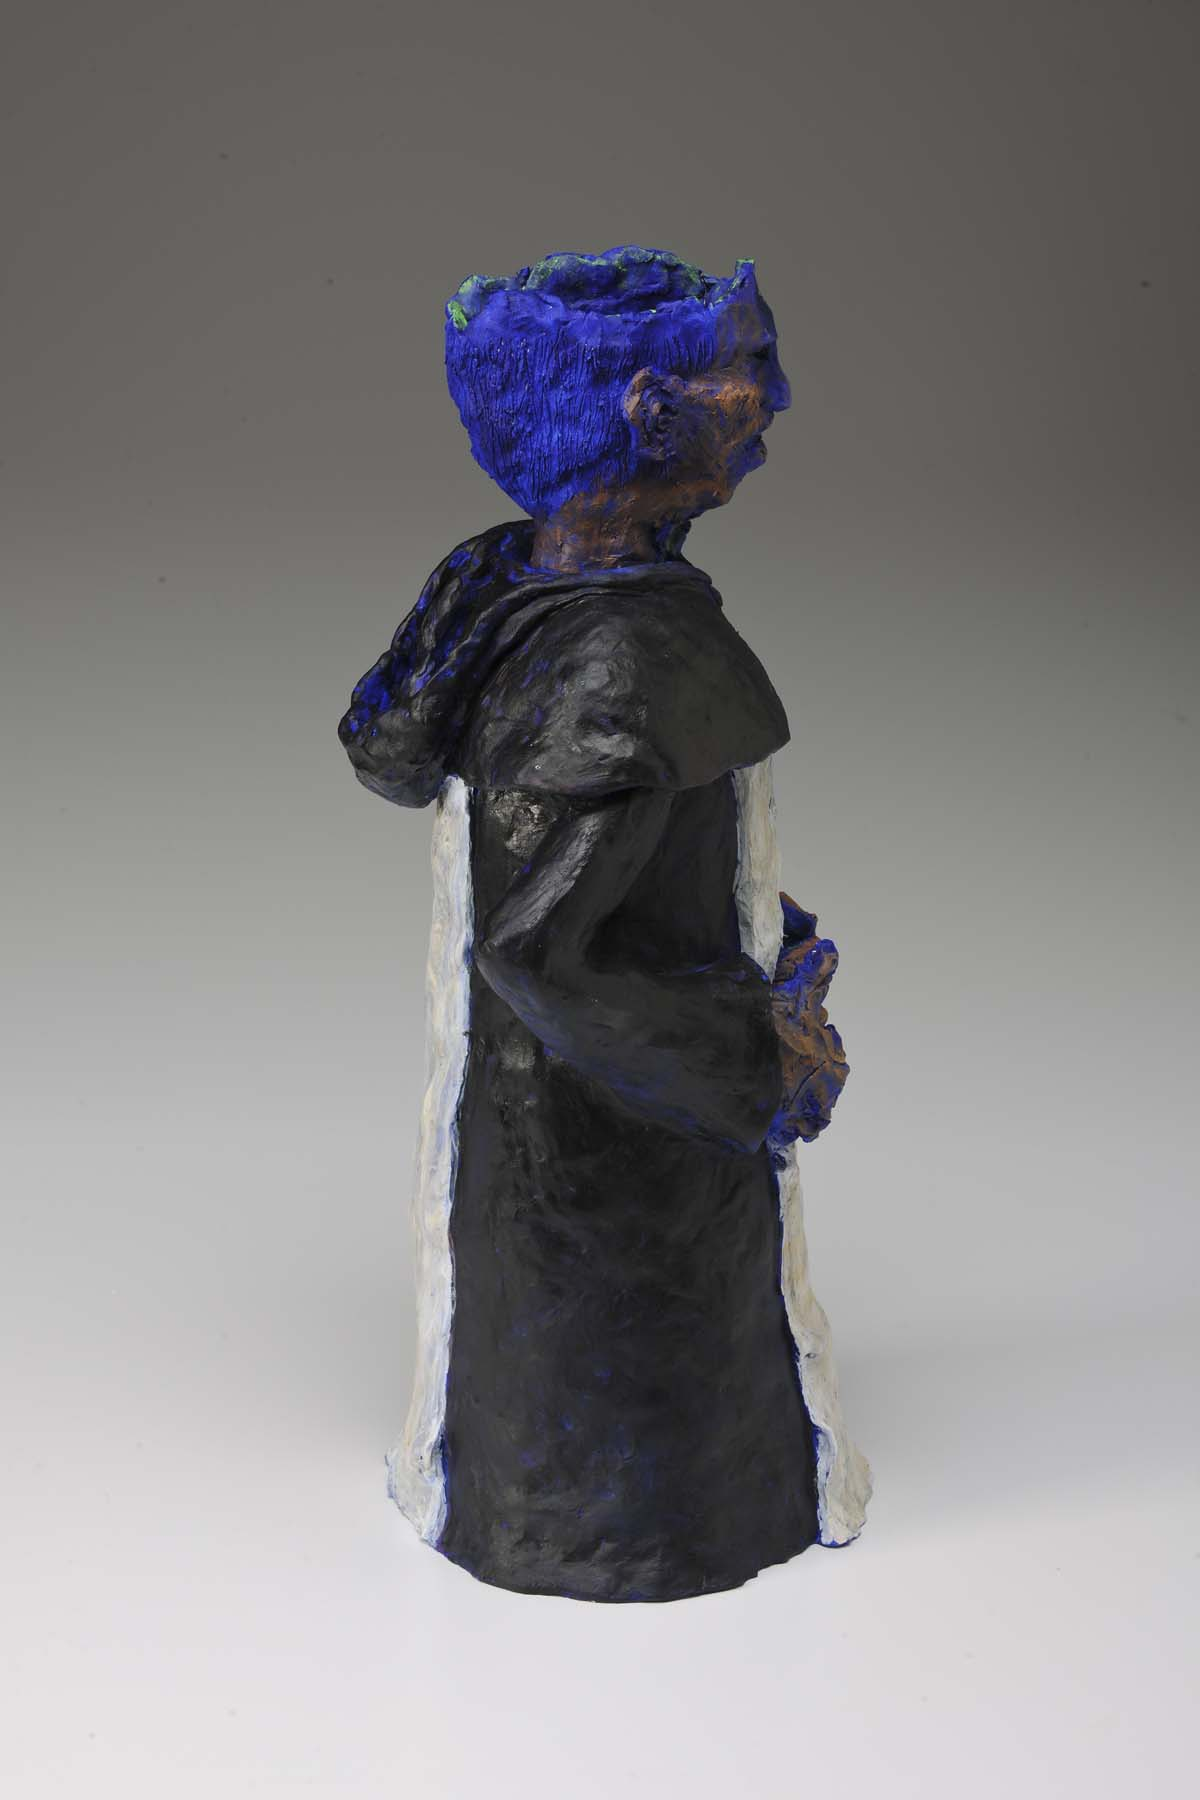 Meister_Eckhart_by_Sybil_Archibald_s4_1200-sculpture.jpg